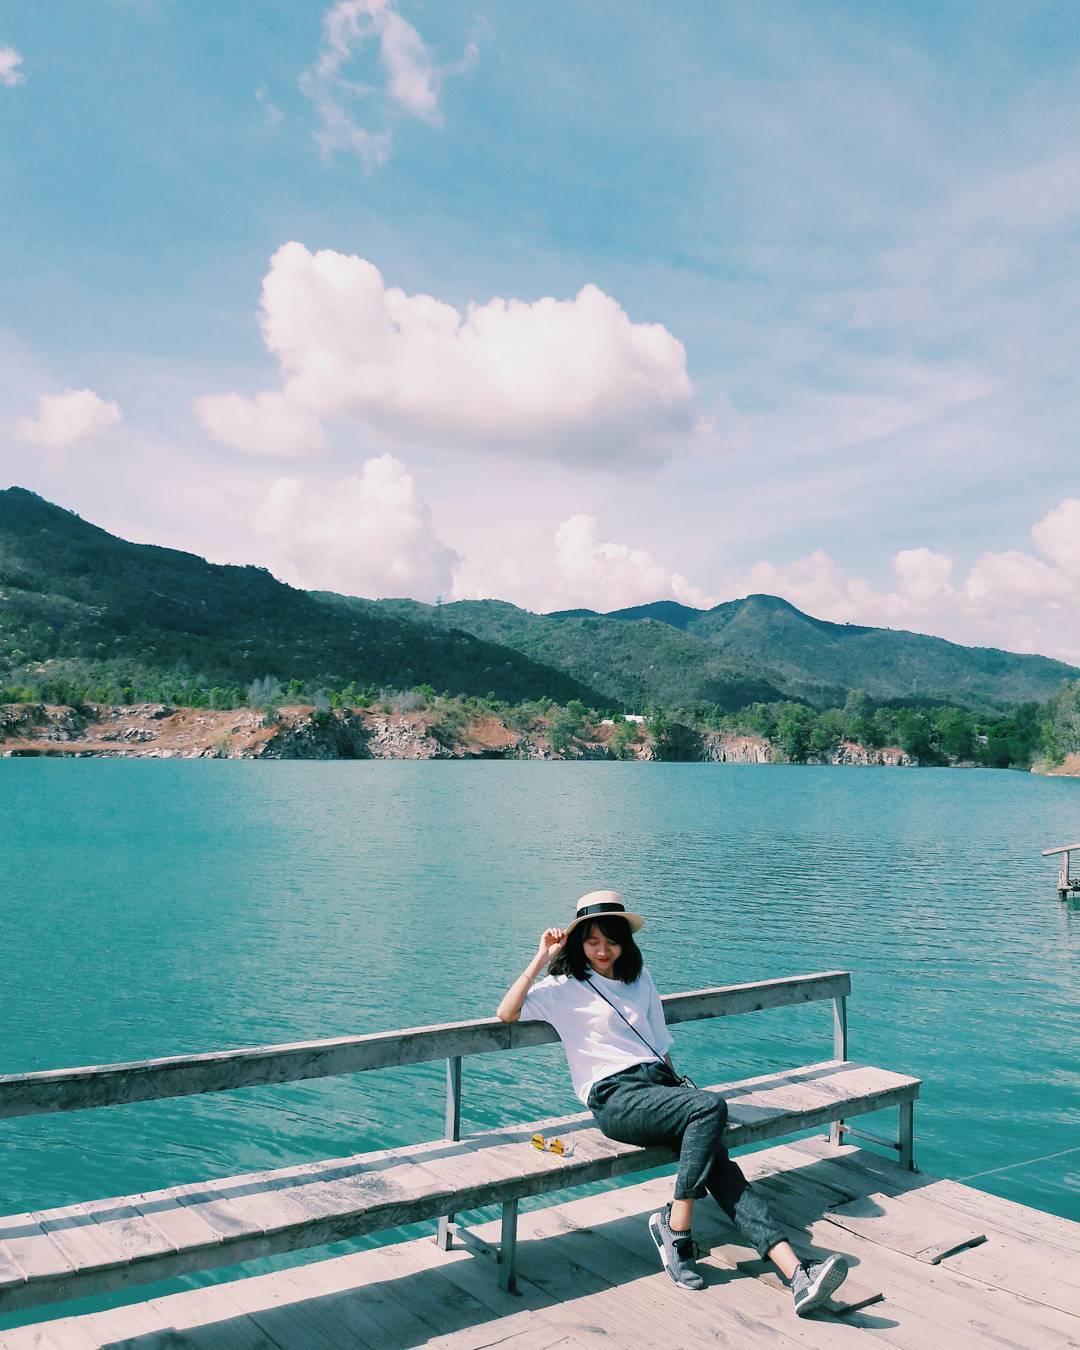 Bật mí 5 góc chụp 'đẹp miễn chê' tại hồ Đá Xanh, Vũng Tàu  - Ảnh 1.